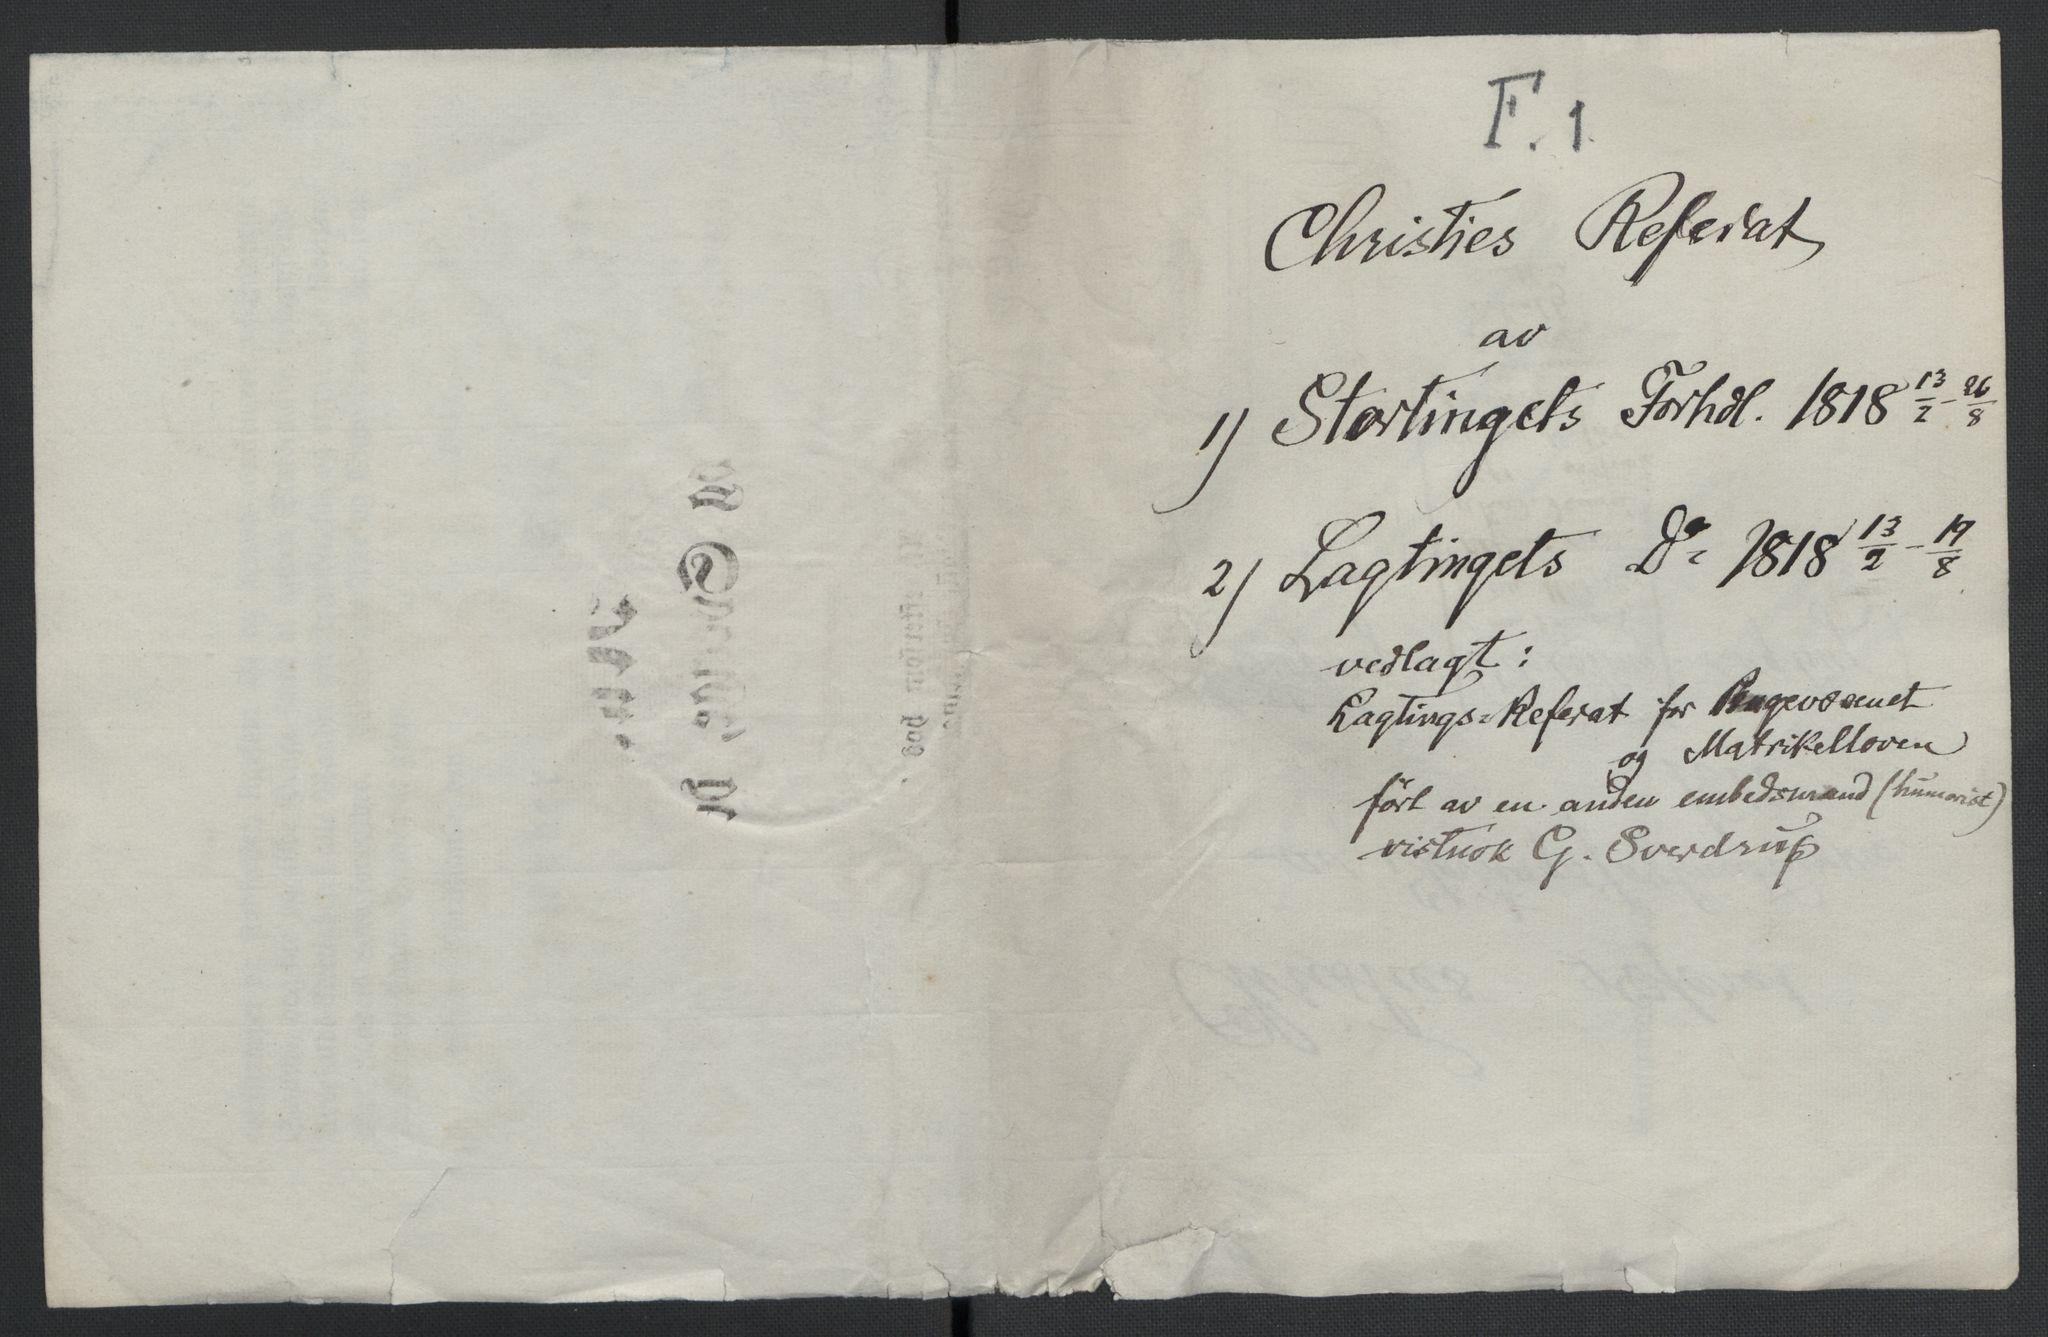 RA, Christie, Wilhelm Frimann Koren, F/L0006, 1817-1818, s. 56